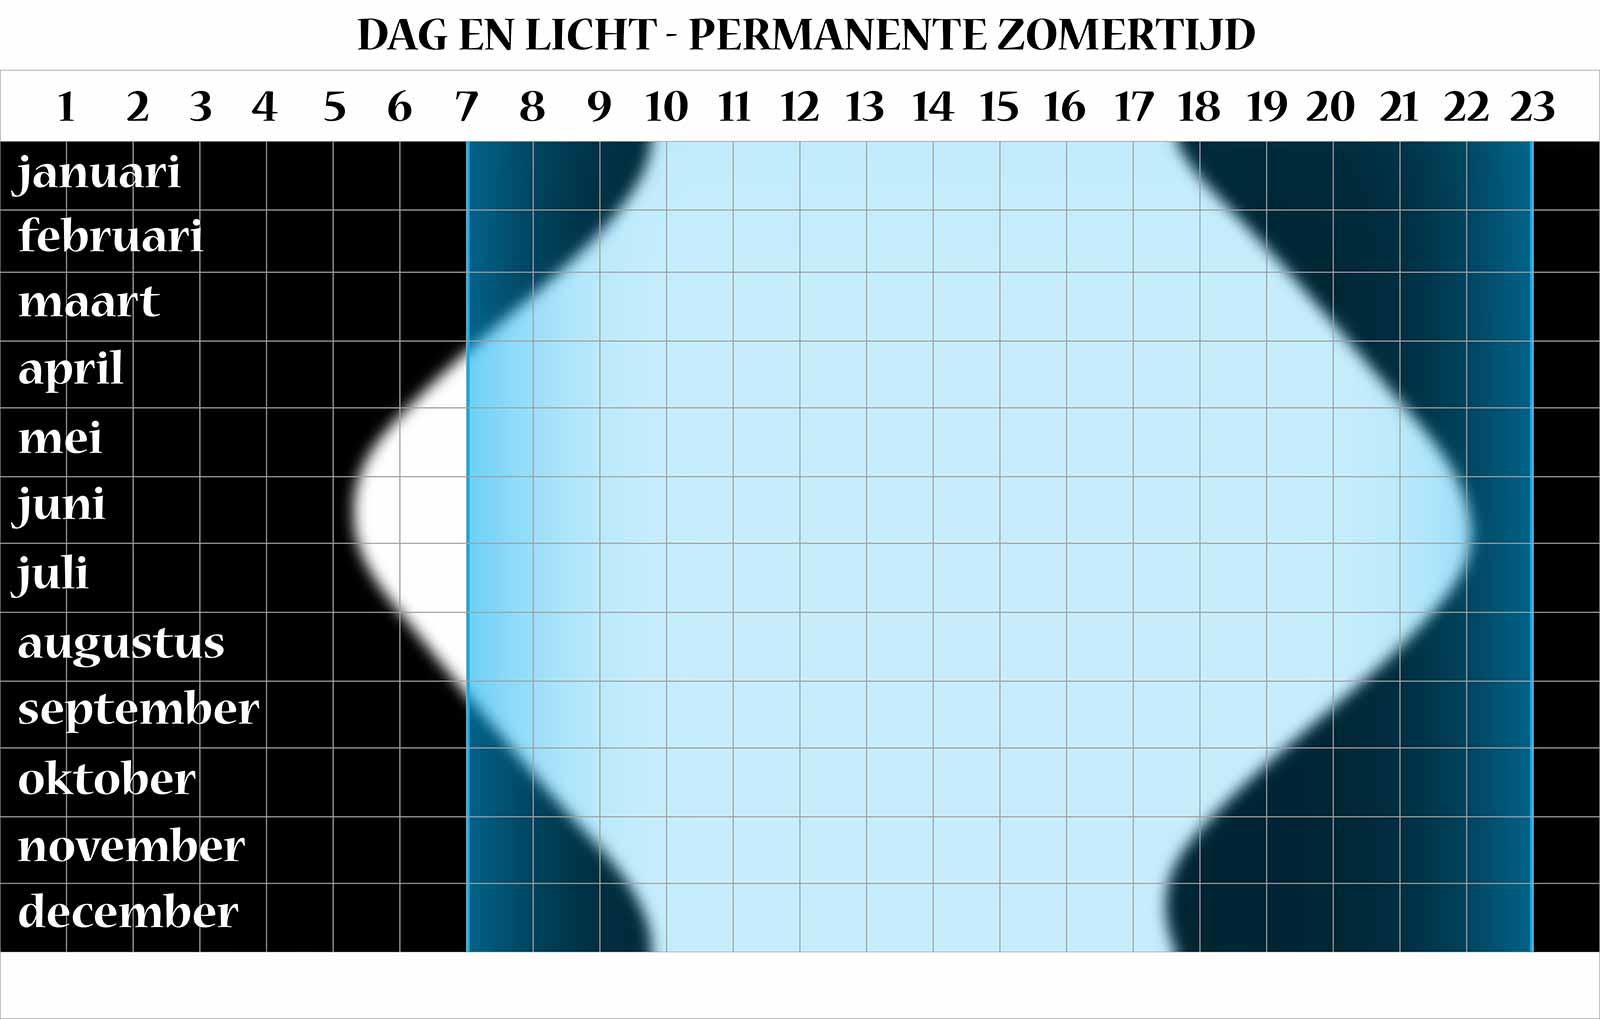 Grafische vergelijking tussen enerzijds licht en donker en anderzijds de uren dat de gemiddelde Nederlander wakker is, bij het hanteren van permanente zomertijd